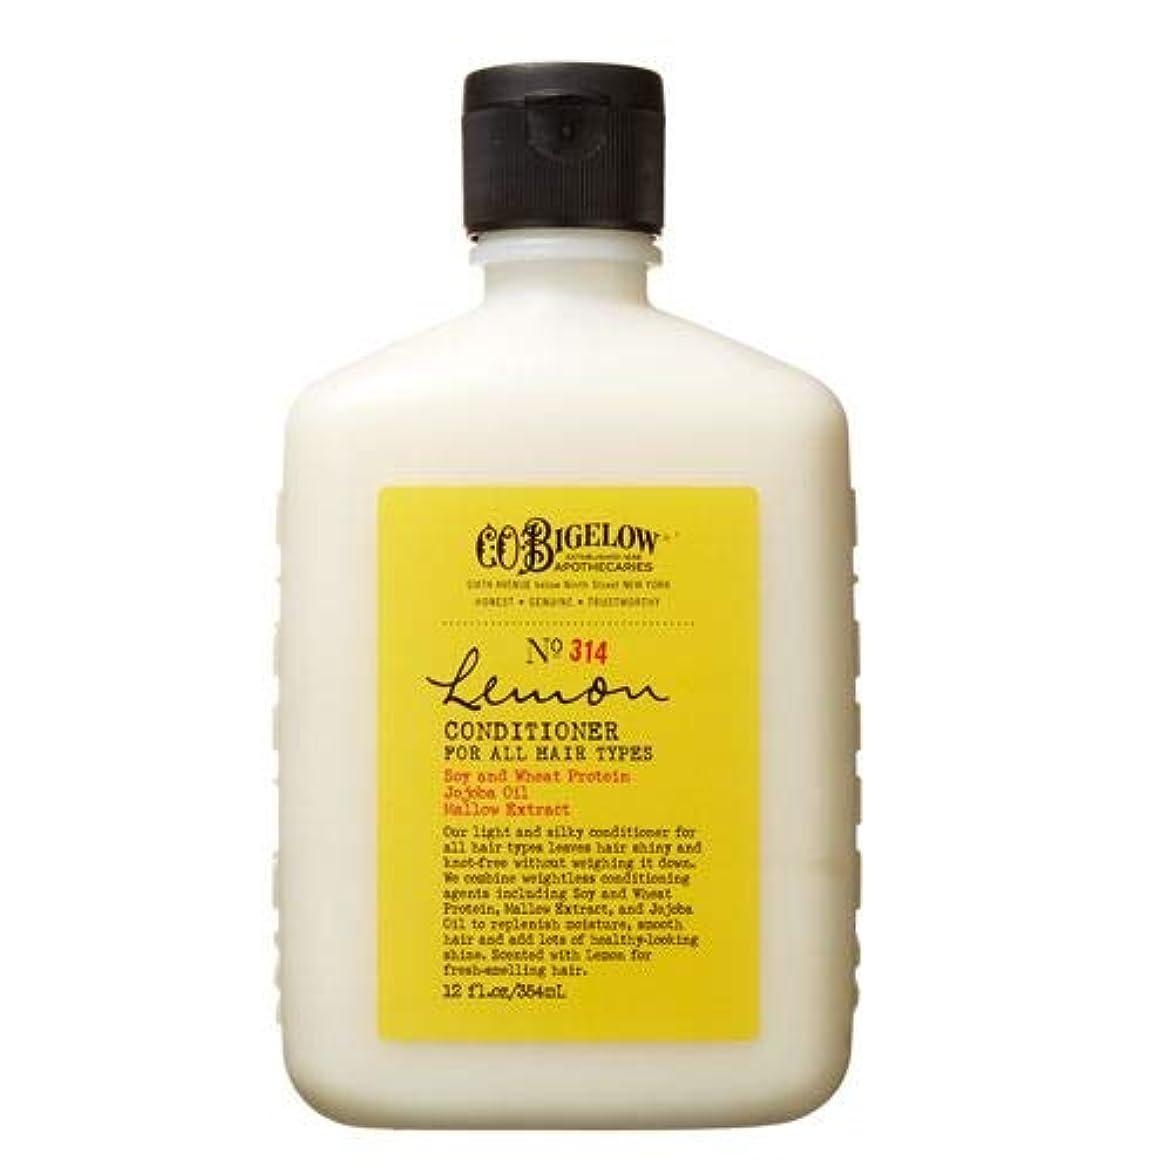 芽保証ランデブーシーオービゲロウ レモンコンディショナー オールヘアタイプ [並行輸入品]